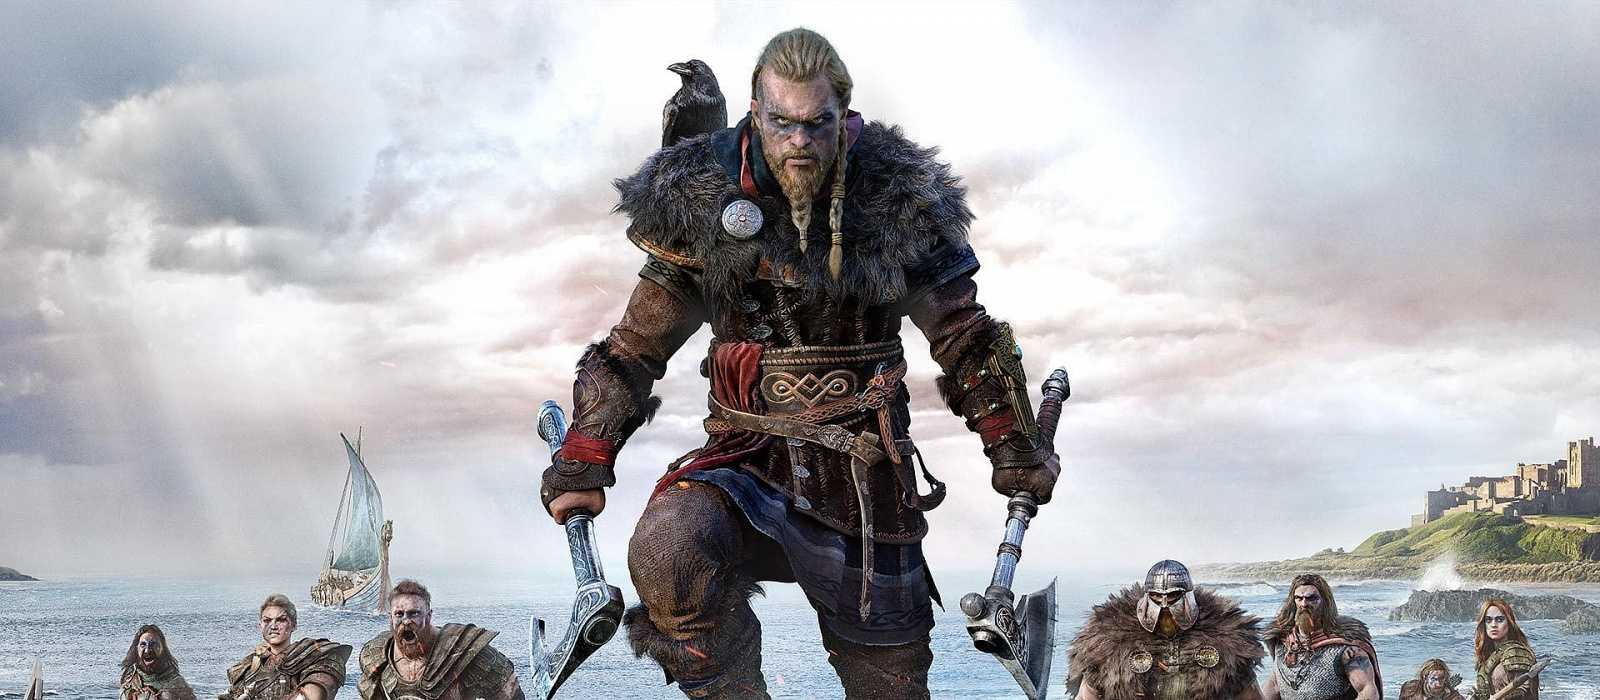 Die Preise für Assassins Creed Valhalla sind gebrochen: Das Spiel wird für 375 Rubel und für 414 Tausend Rubel verkauft